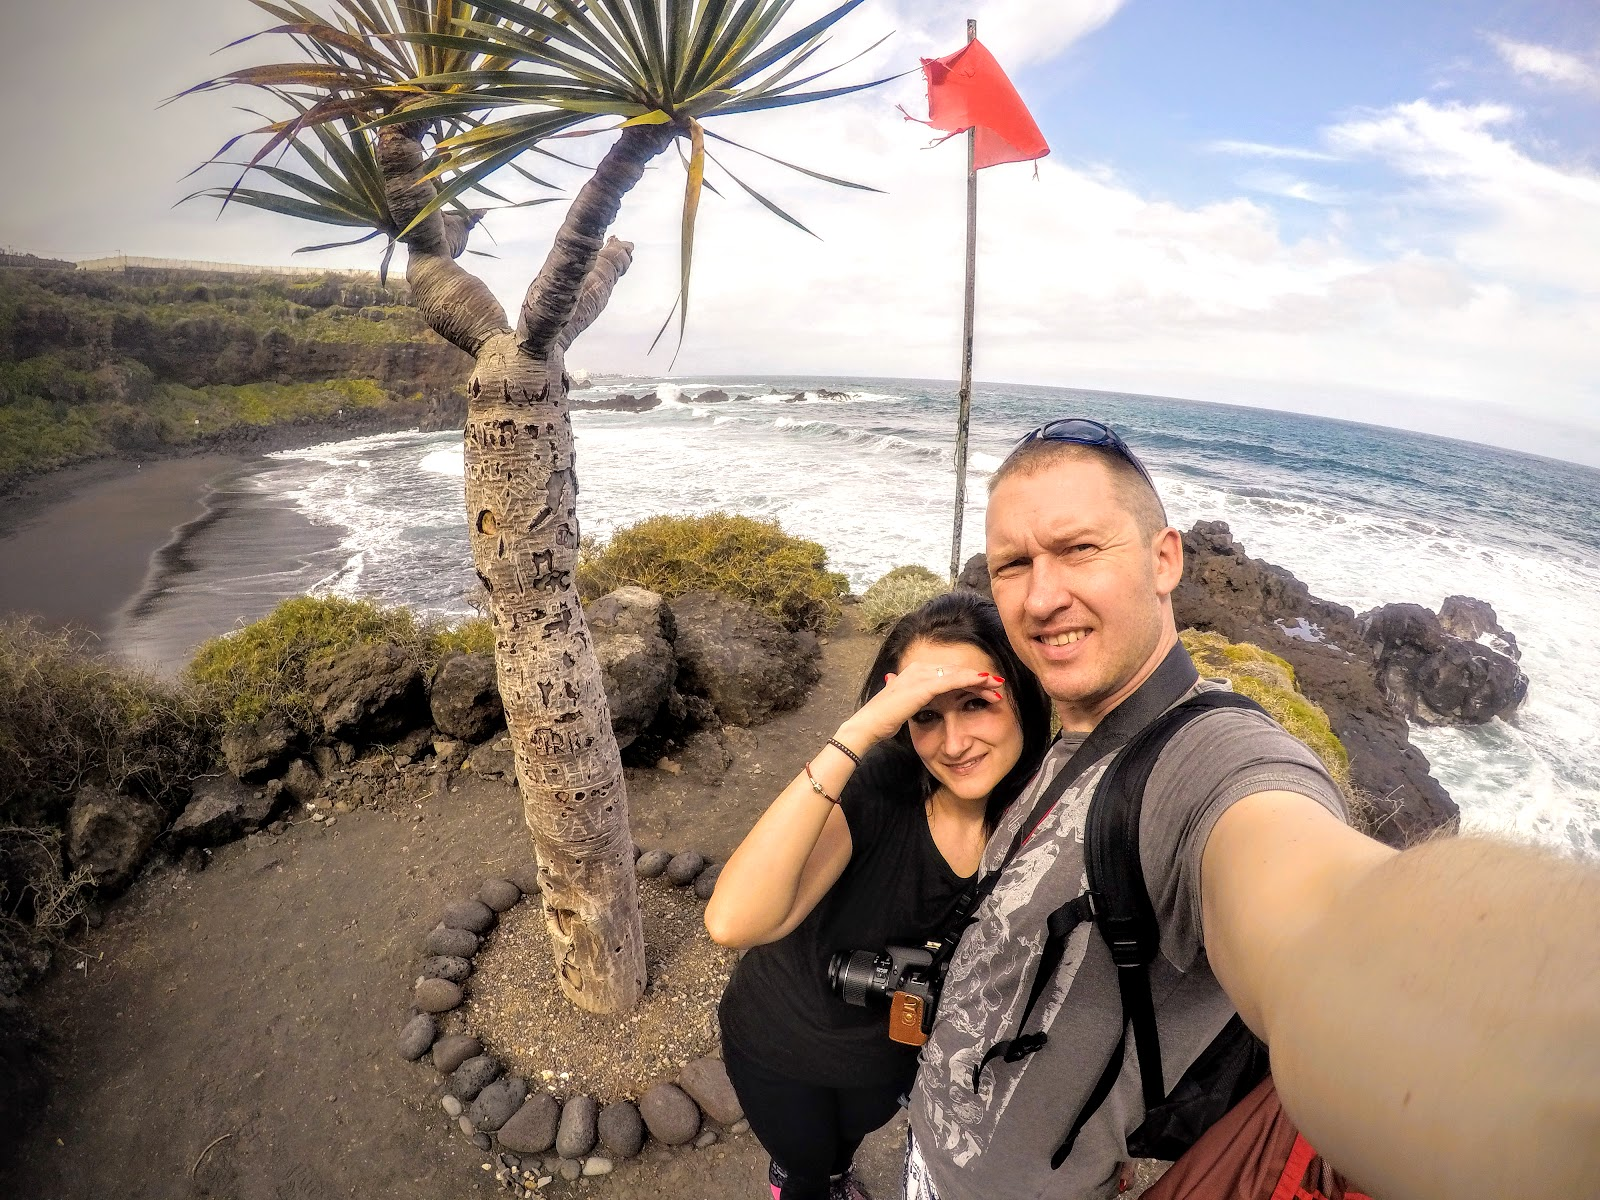 Nieturystyczne i niestadne plażowanie na Teneryfie - gdzie znaleźć zaciszną plażę? Playa El Bullullo niedaleko Puerto de La Cruz